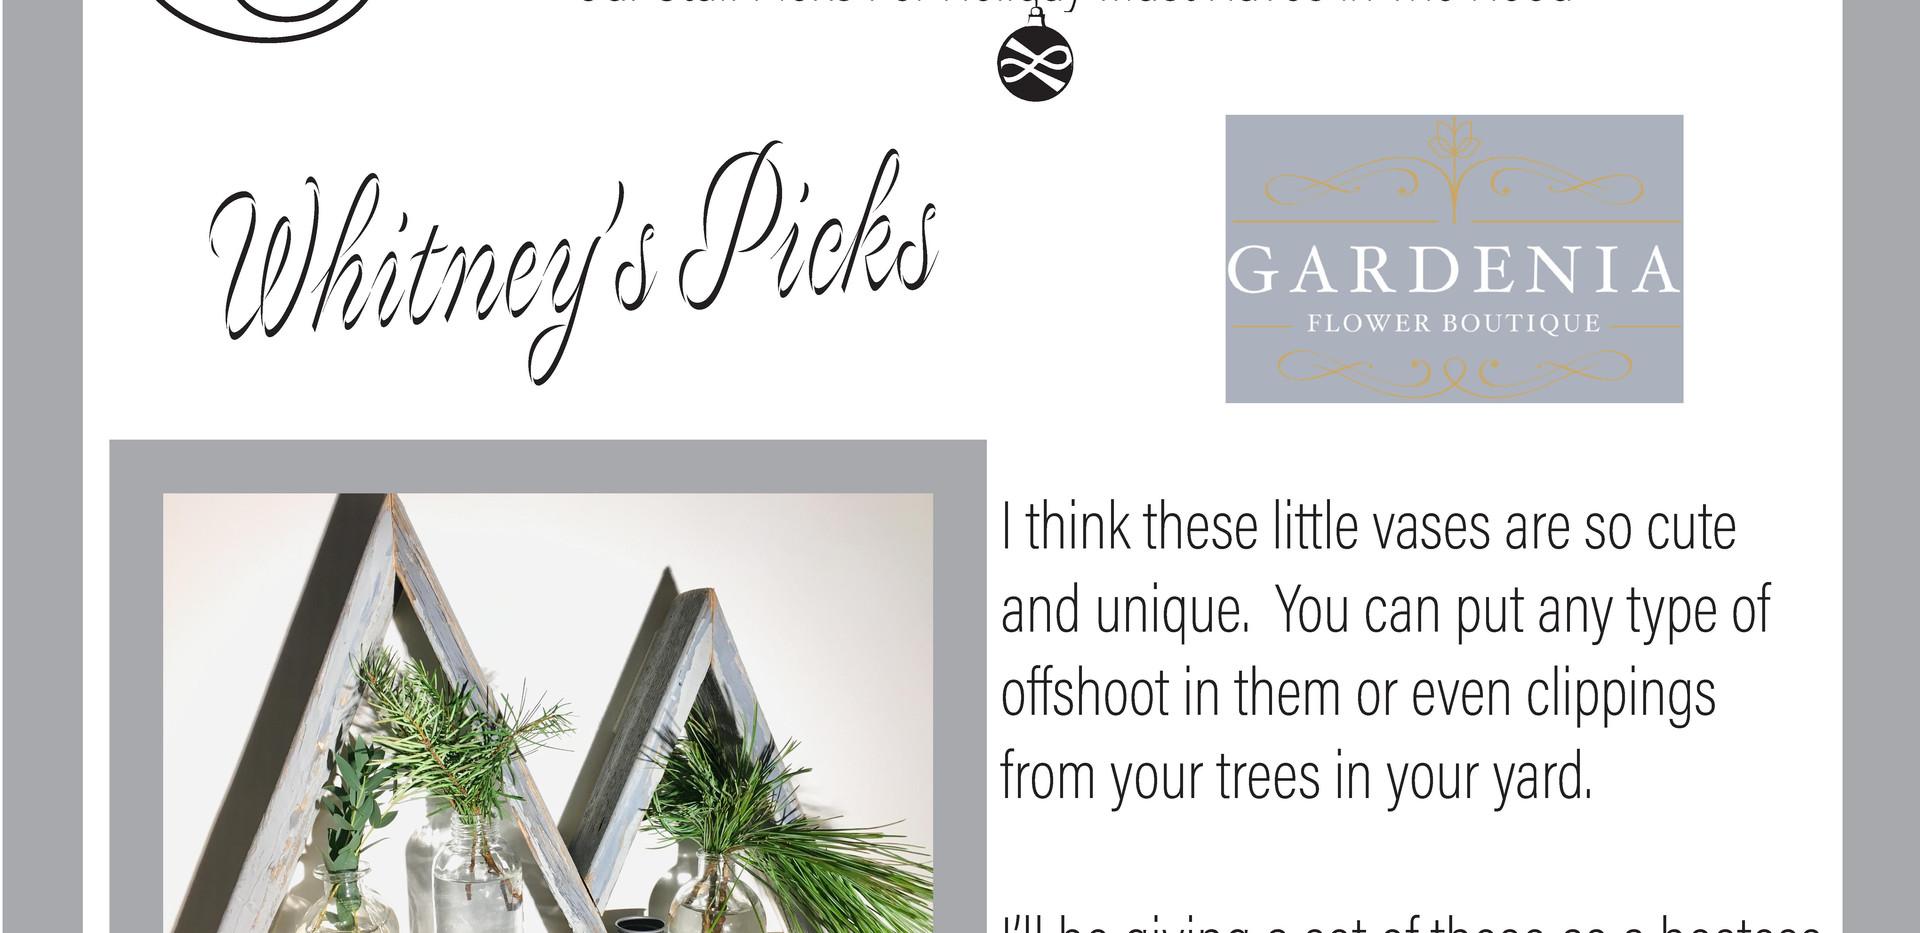 Gardenia Flower Boutique